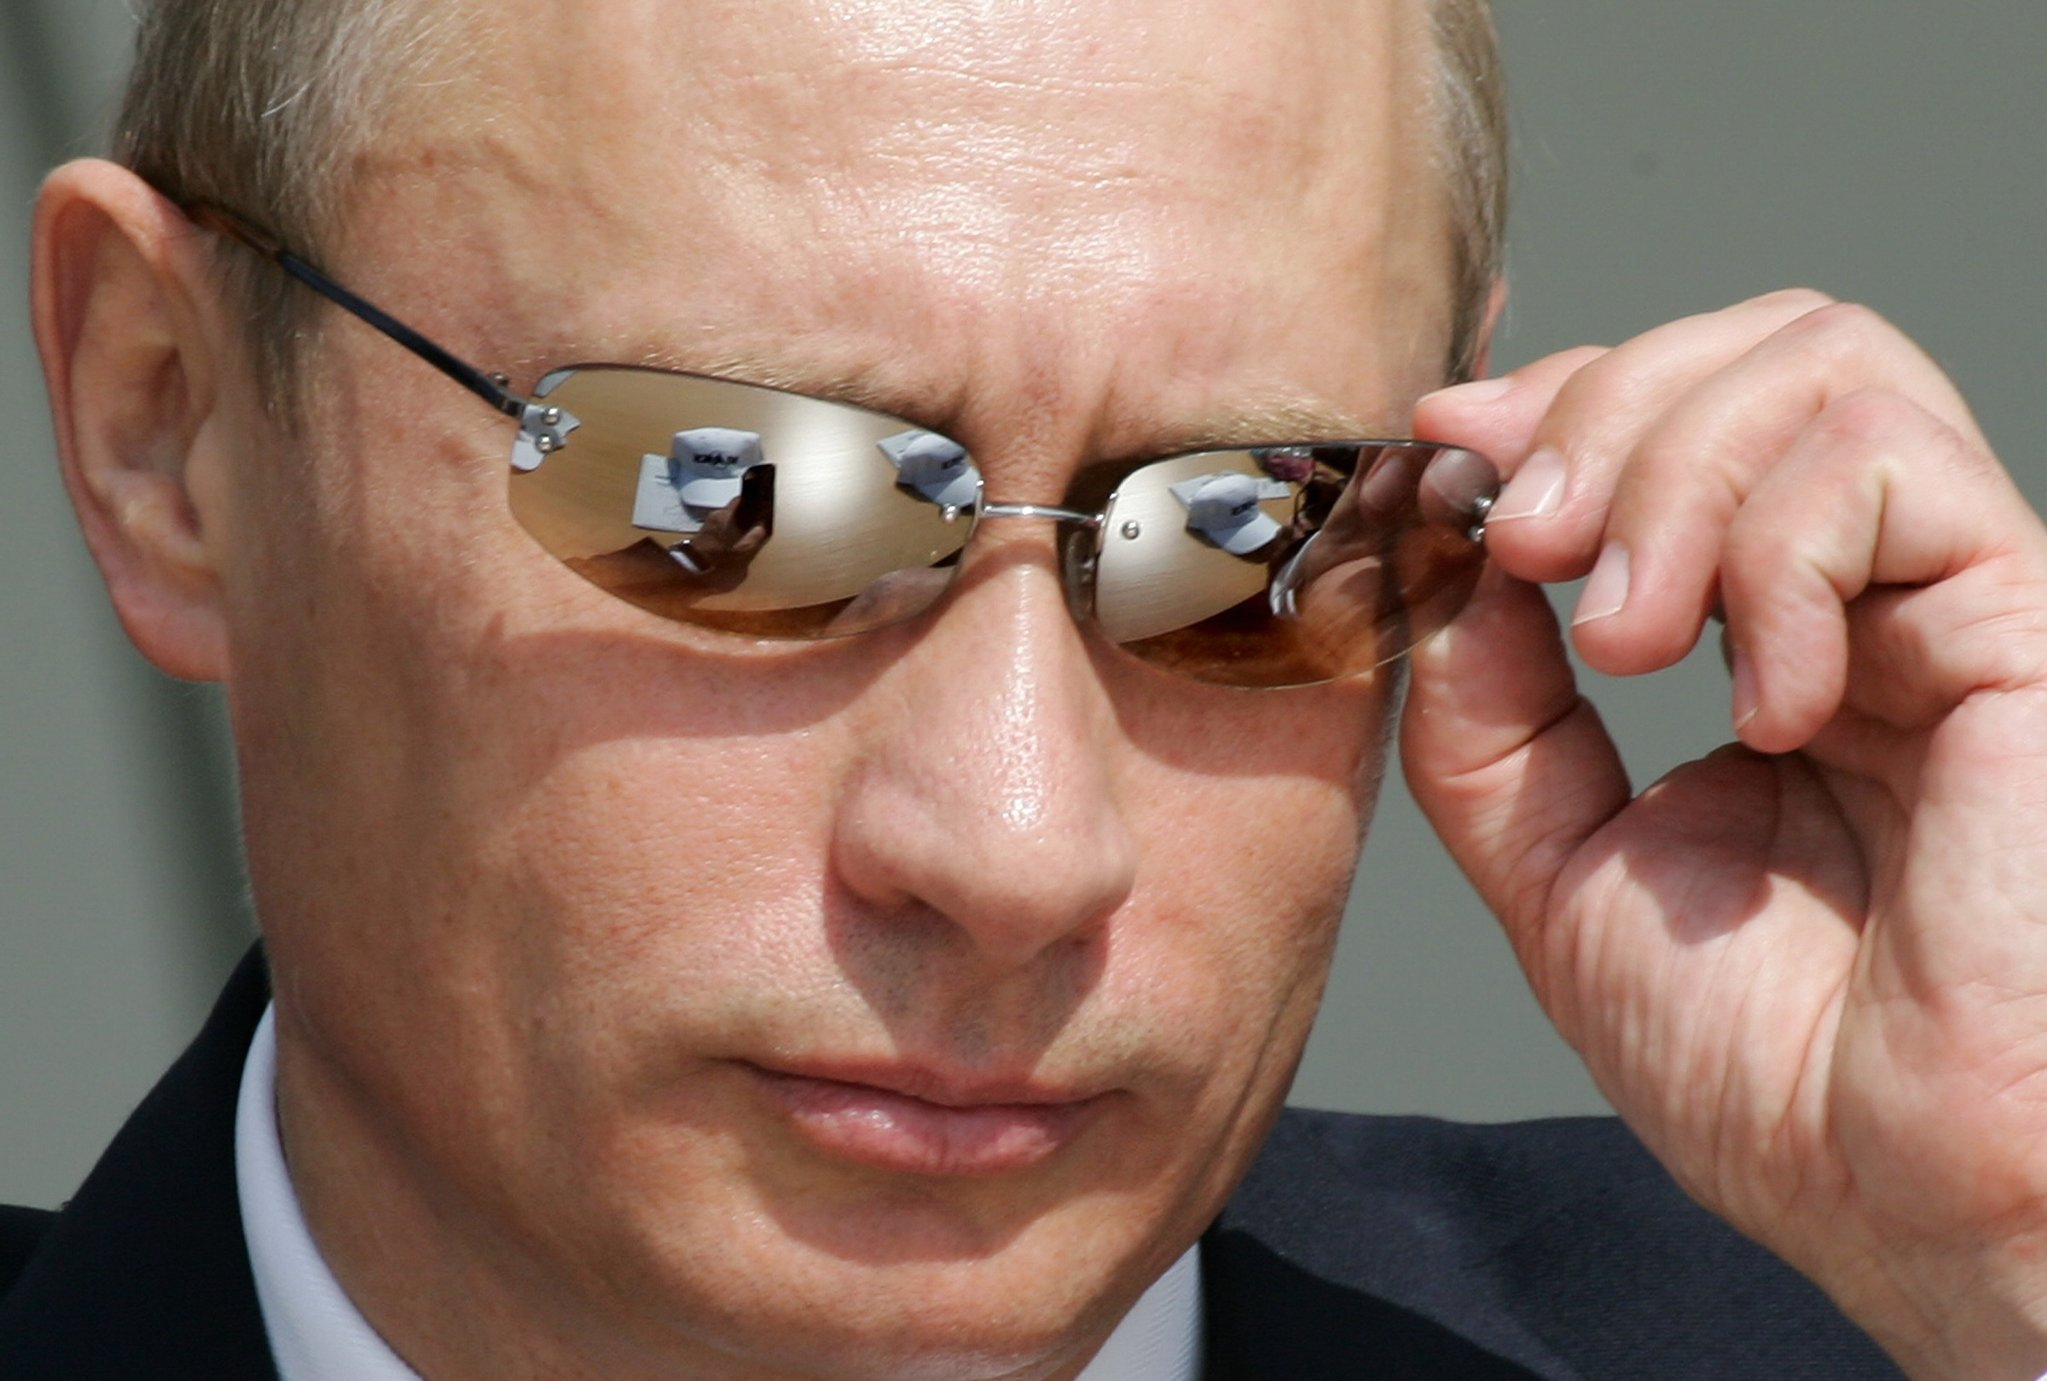 2005년 8월 16일, 러시아 주코프스키에서 열린 국제 에어쇼에 참가한 푸틴. [AFP=연합뉴스]